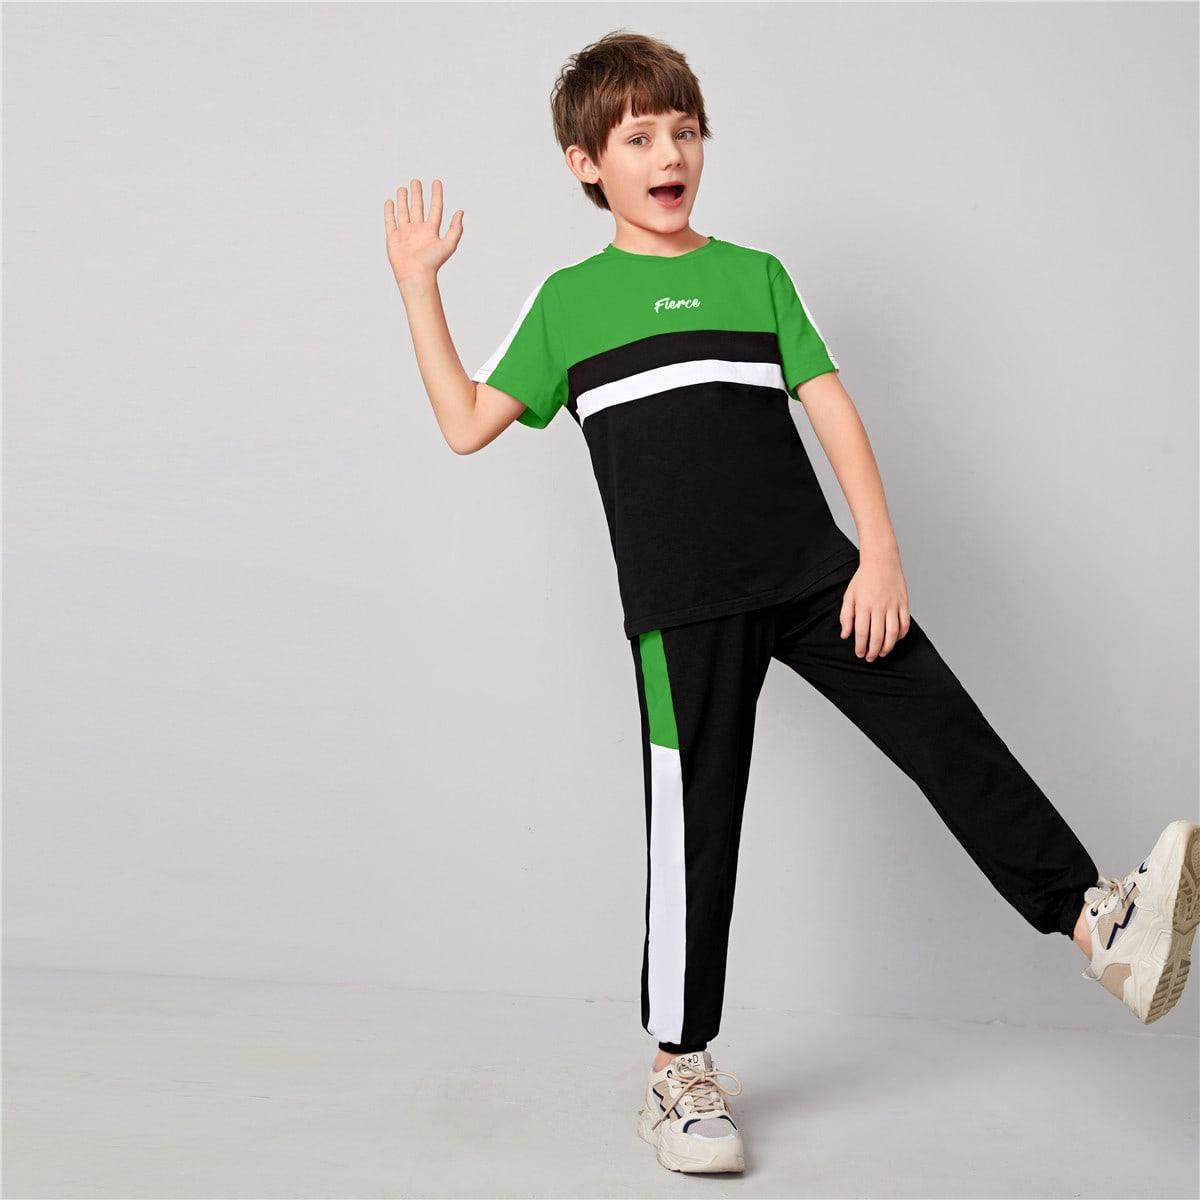 Топ с текстовым принтом и спортивные брюки для мальчиков от SHEIN